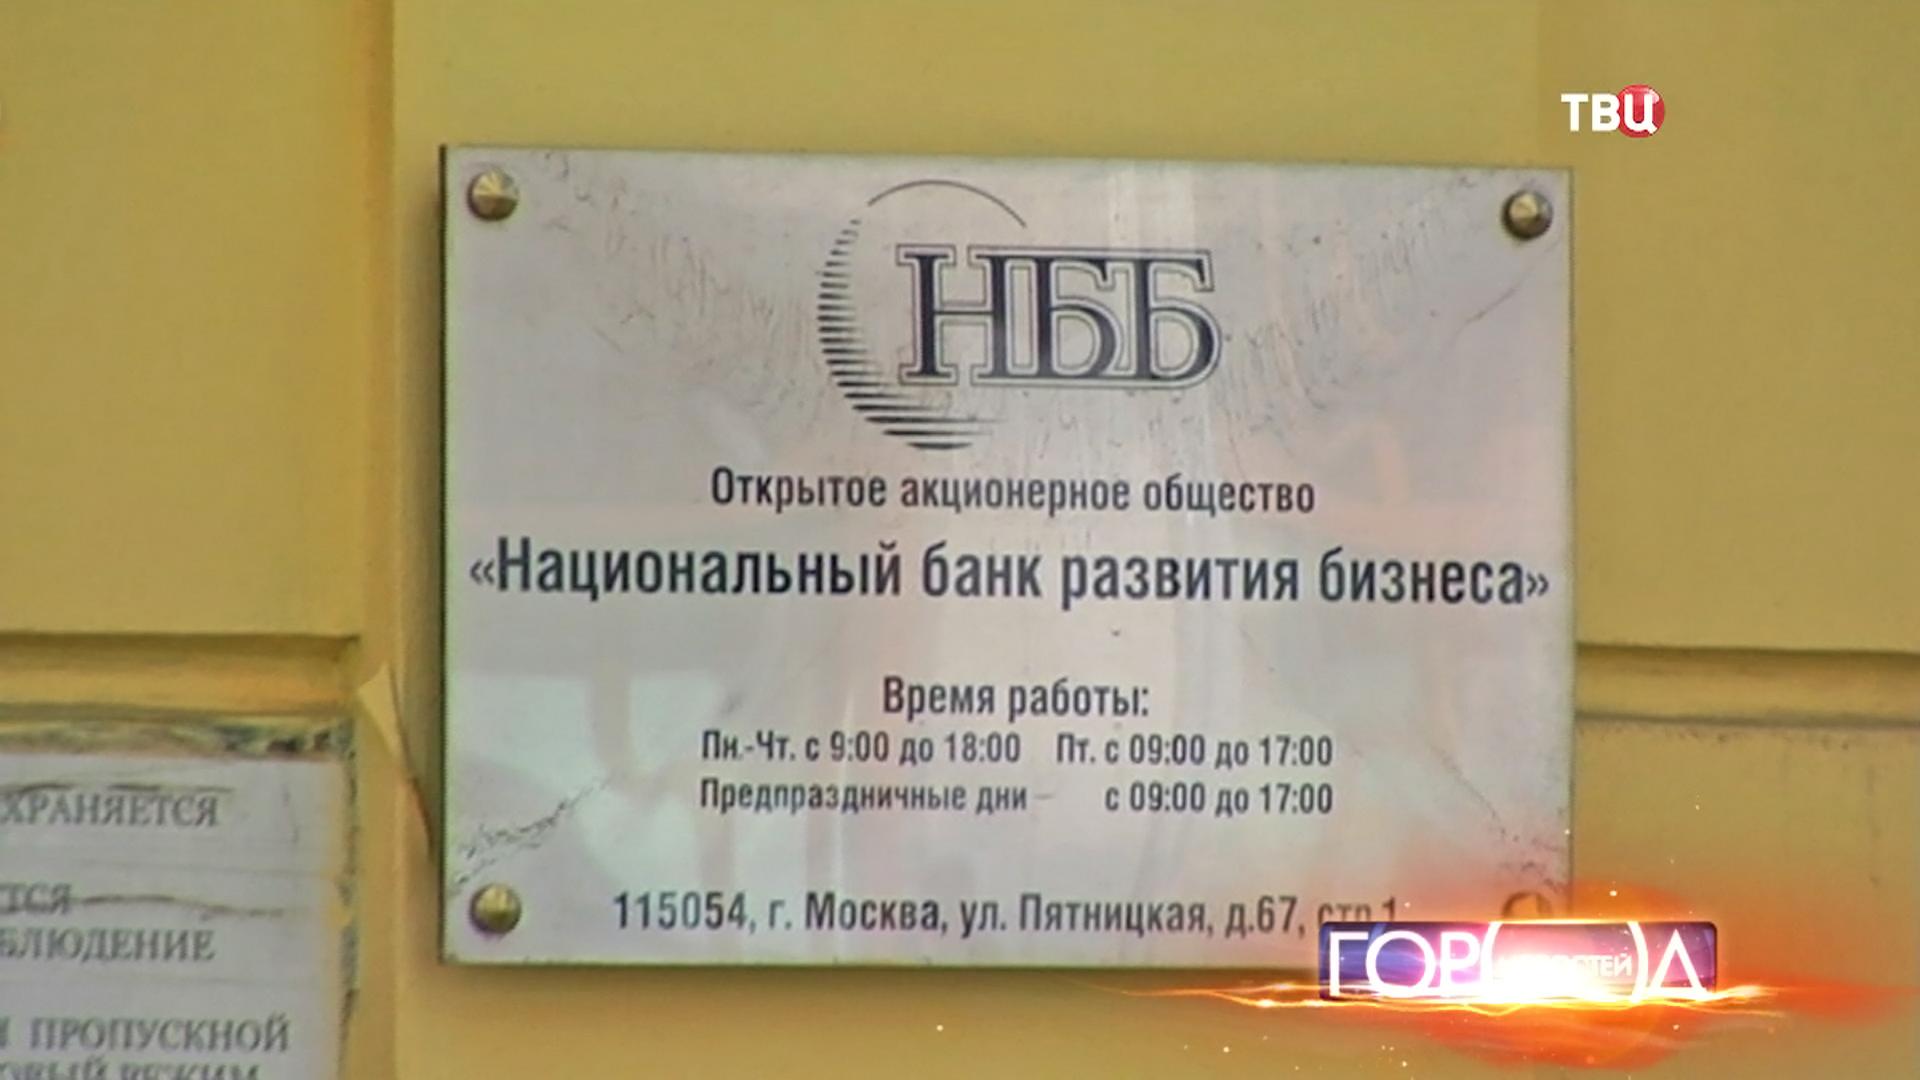 Национальный банк развития бизнеса